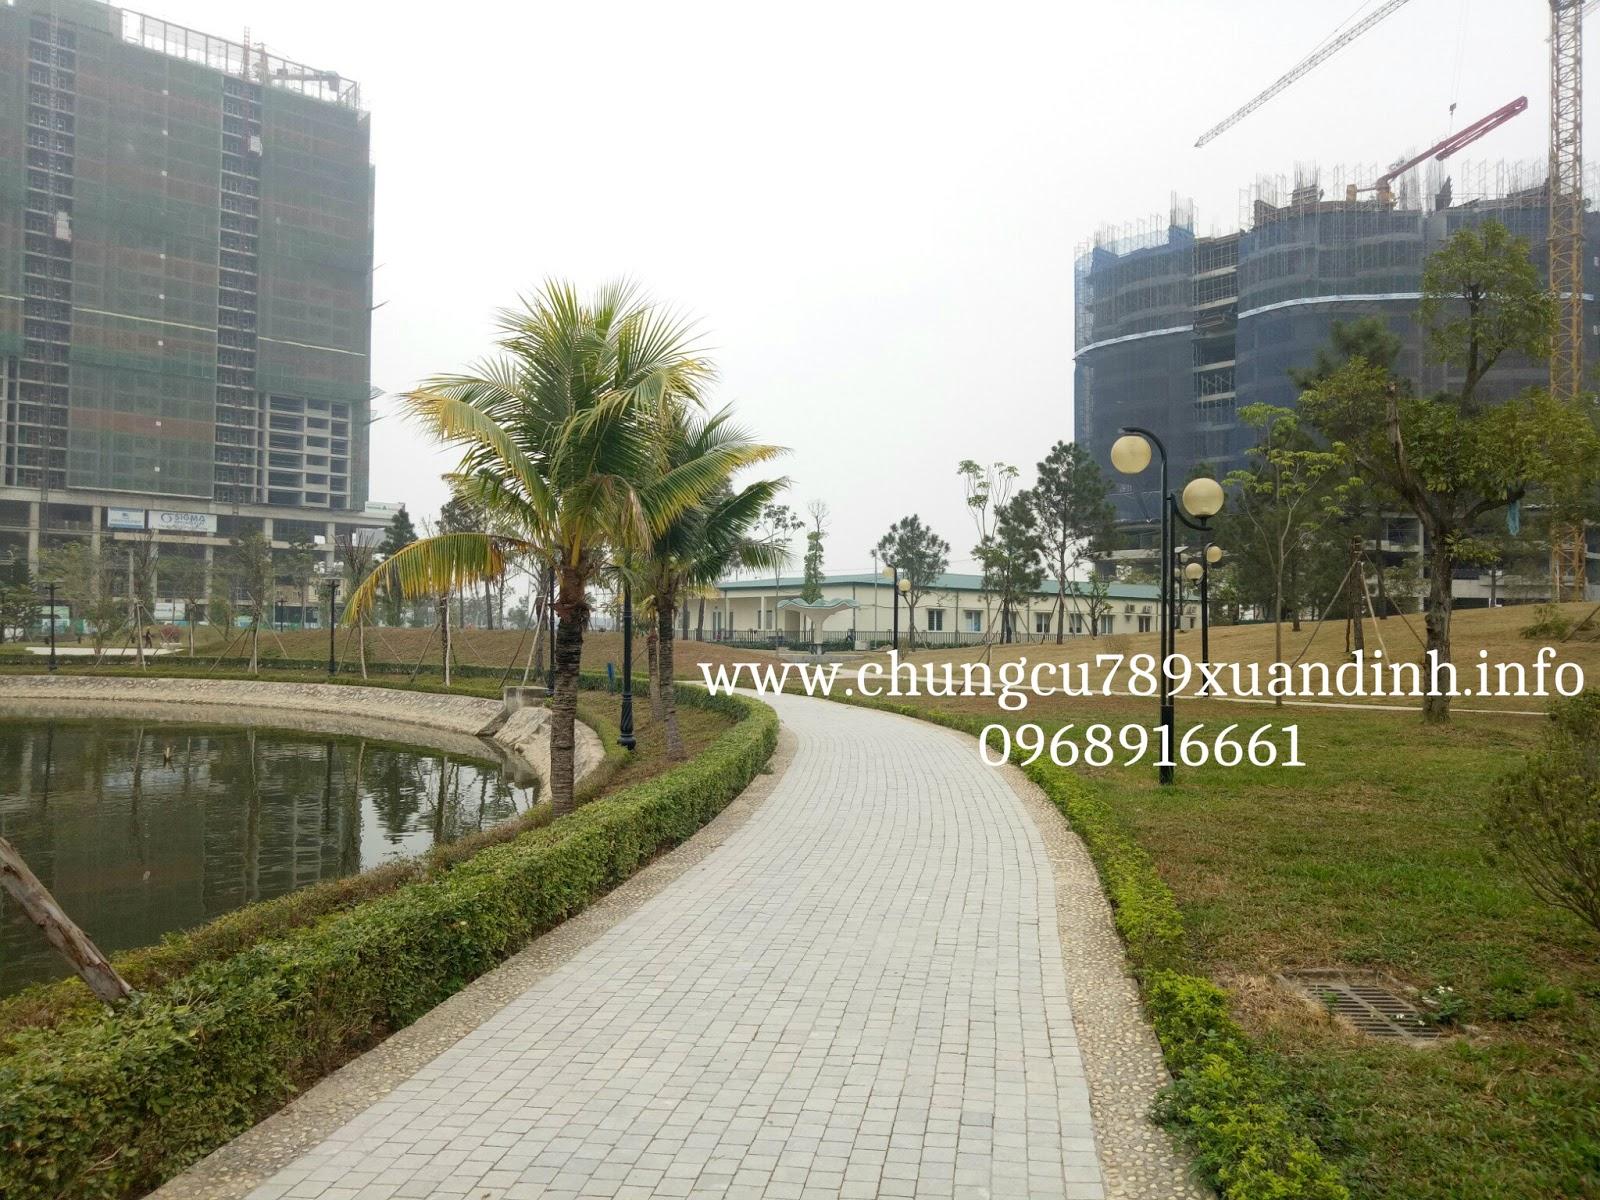 Nội khu khuôn viên Hồ hữu nghị, các dự án đang gấp rút triển khai để kịp bàn giao tới khách hàng